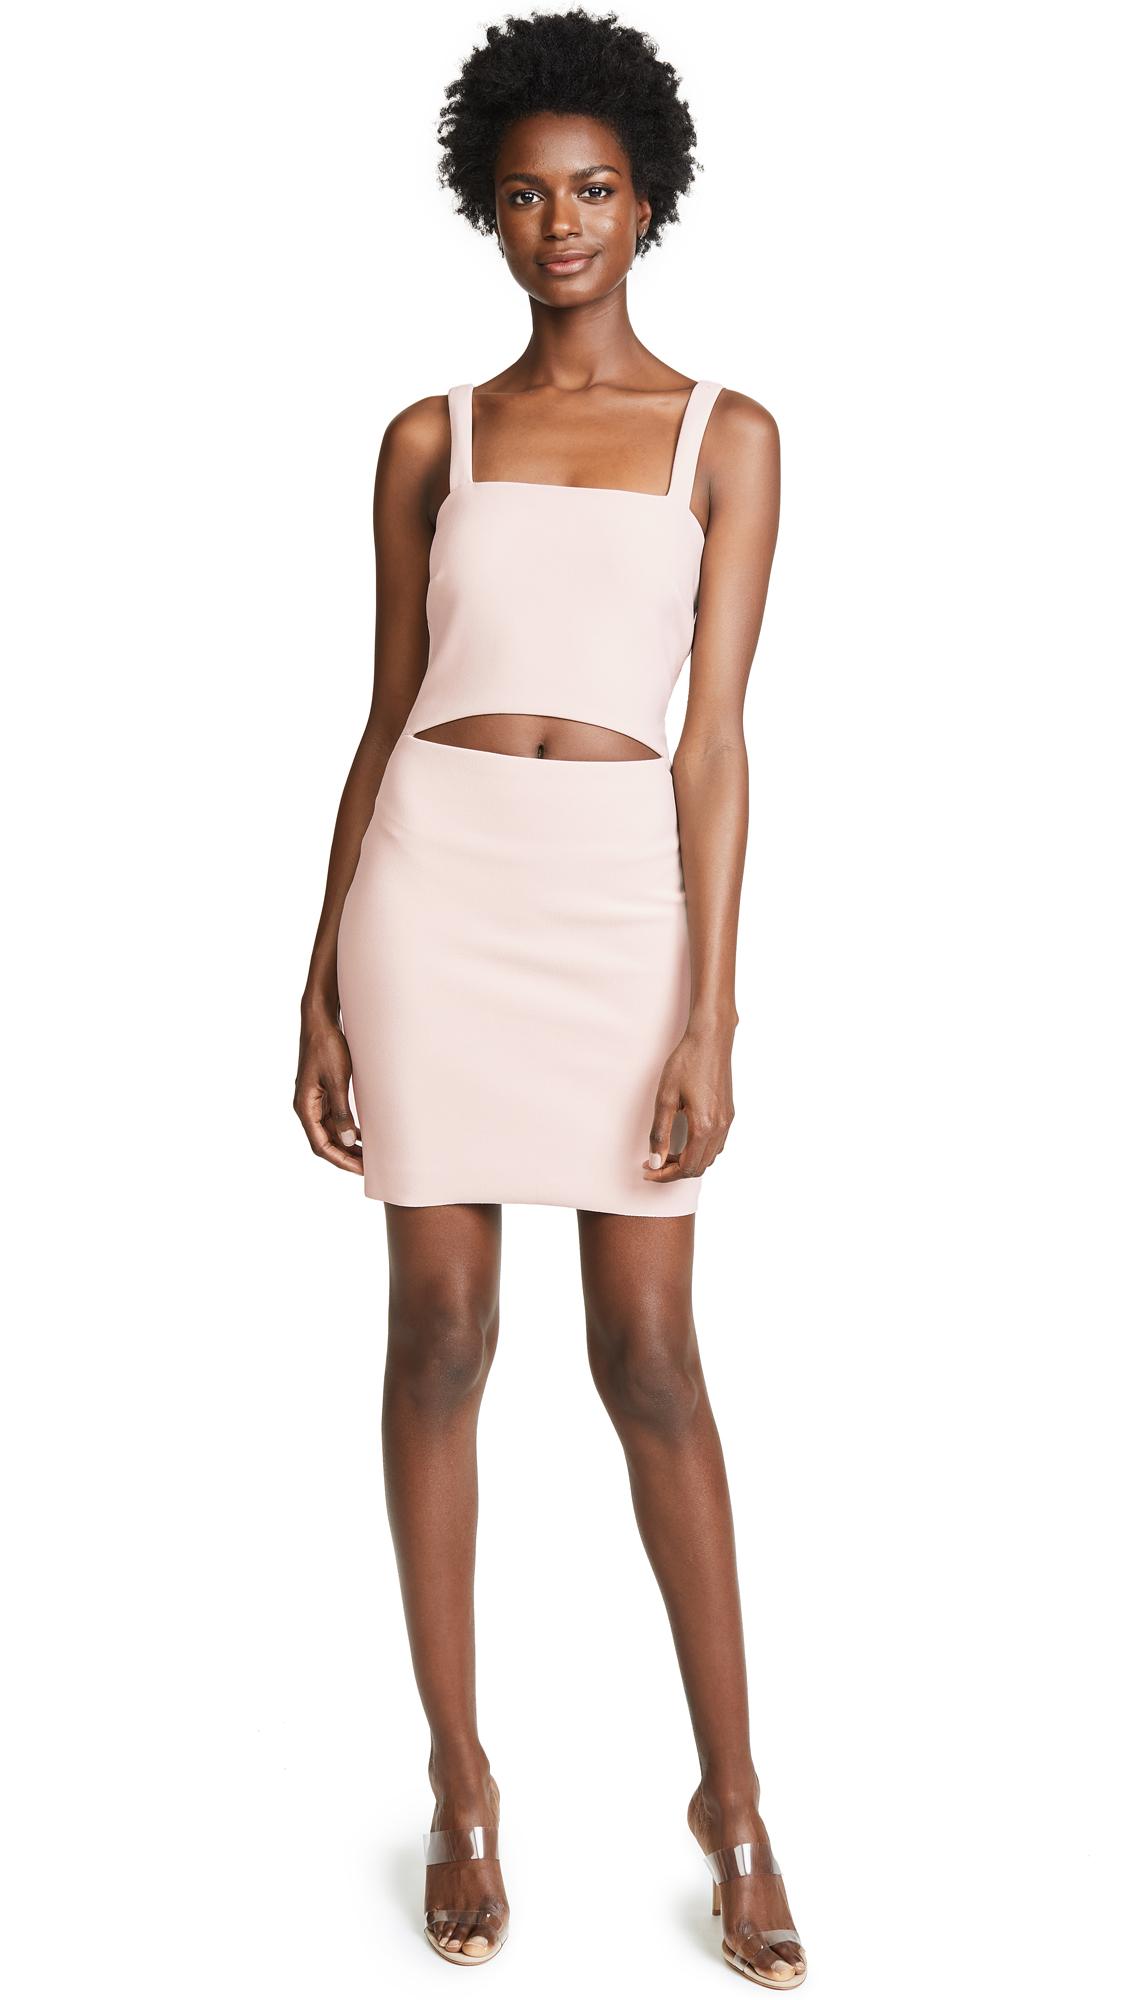 Bec & Bridge Macaron Mini Dress In Nude